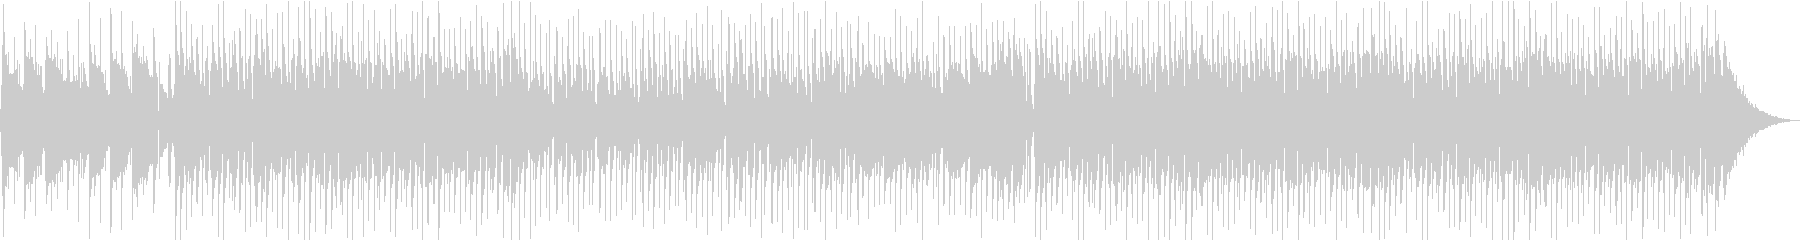 とびっきりHAPPYな曲の未再生の波形